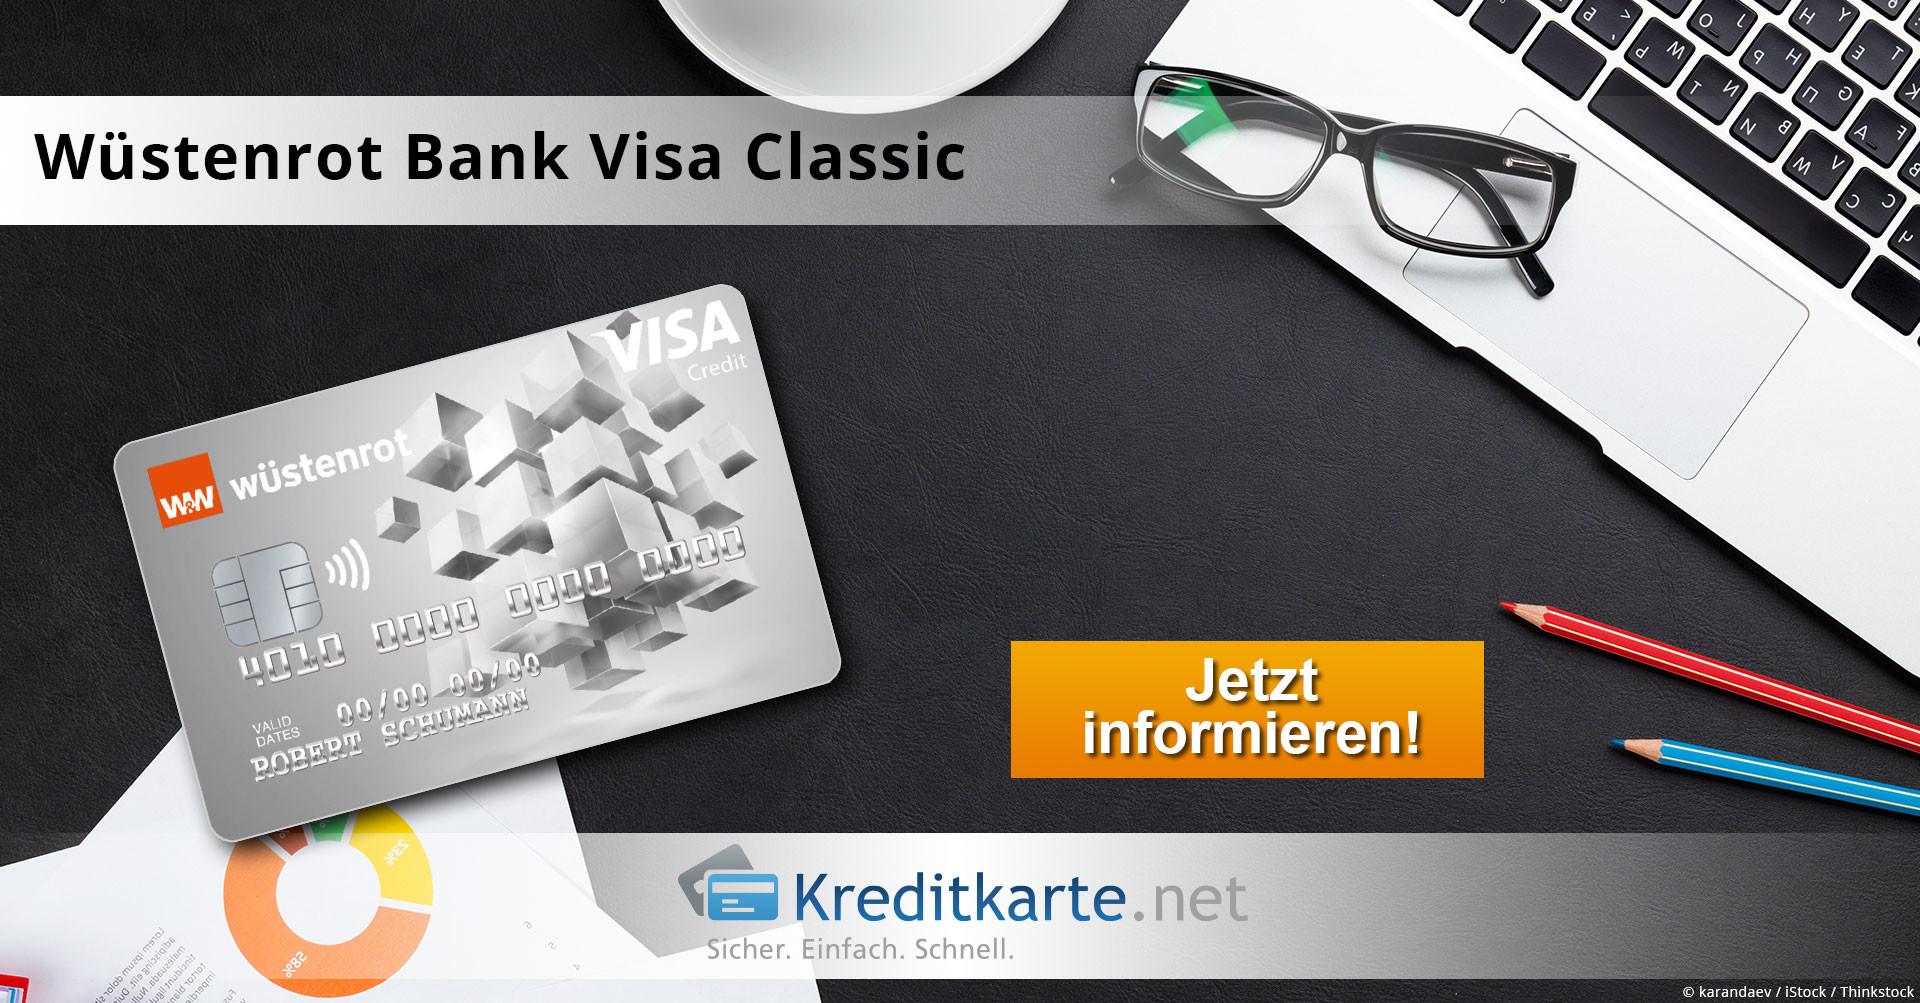 Wüstenrot Bank Kreditkarte mit Girokonto